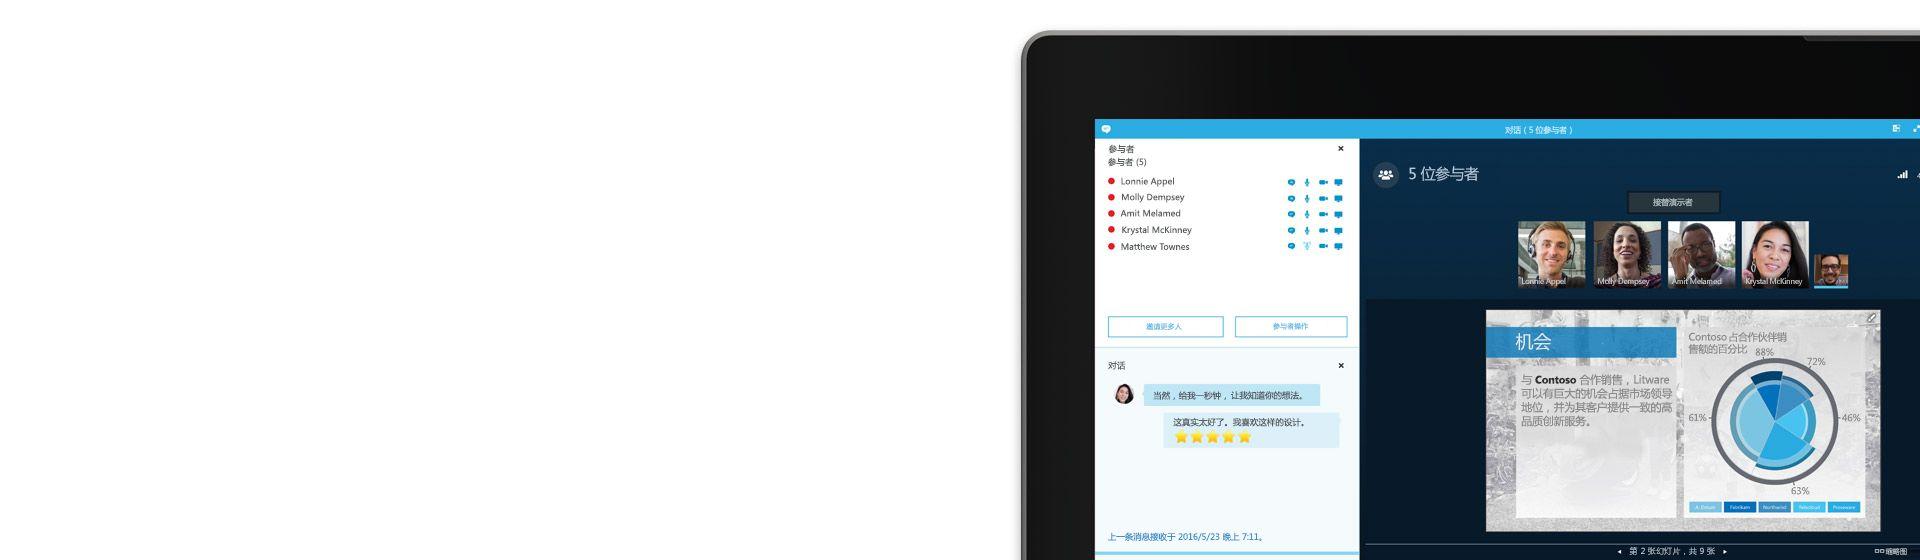 计算机屏幕的一角,显示 Skype for Business 在线会议和参与者列表